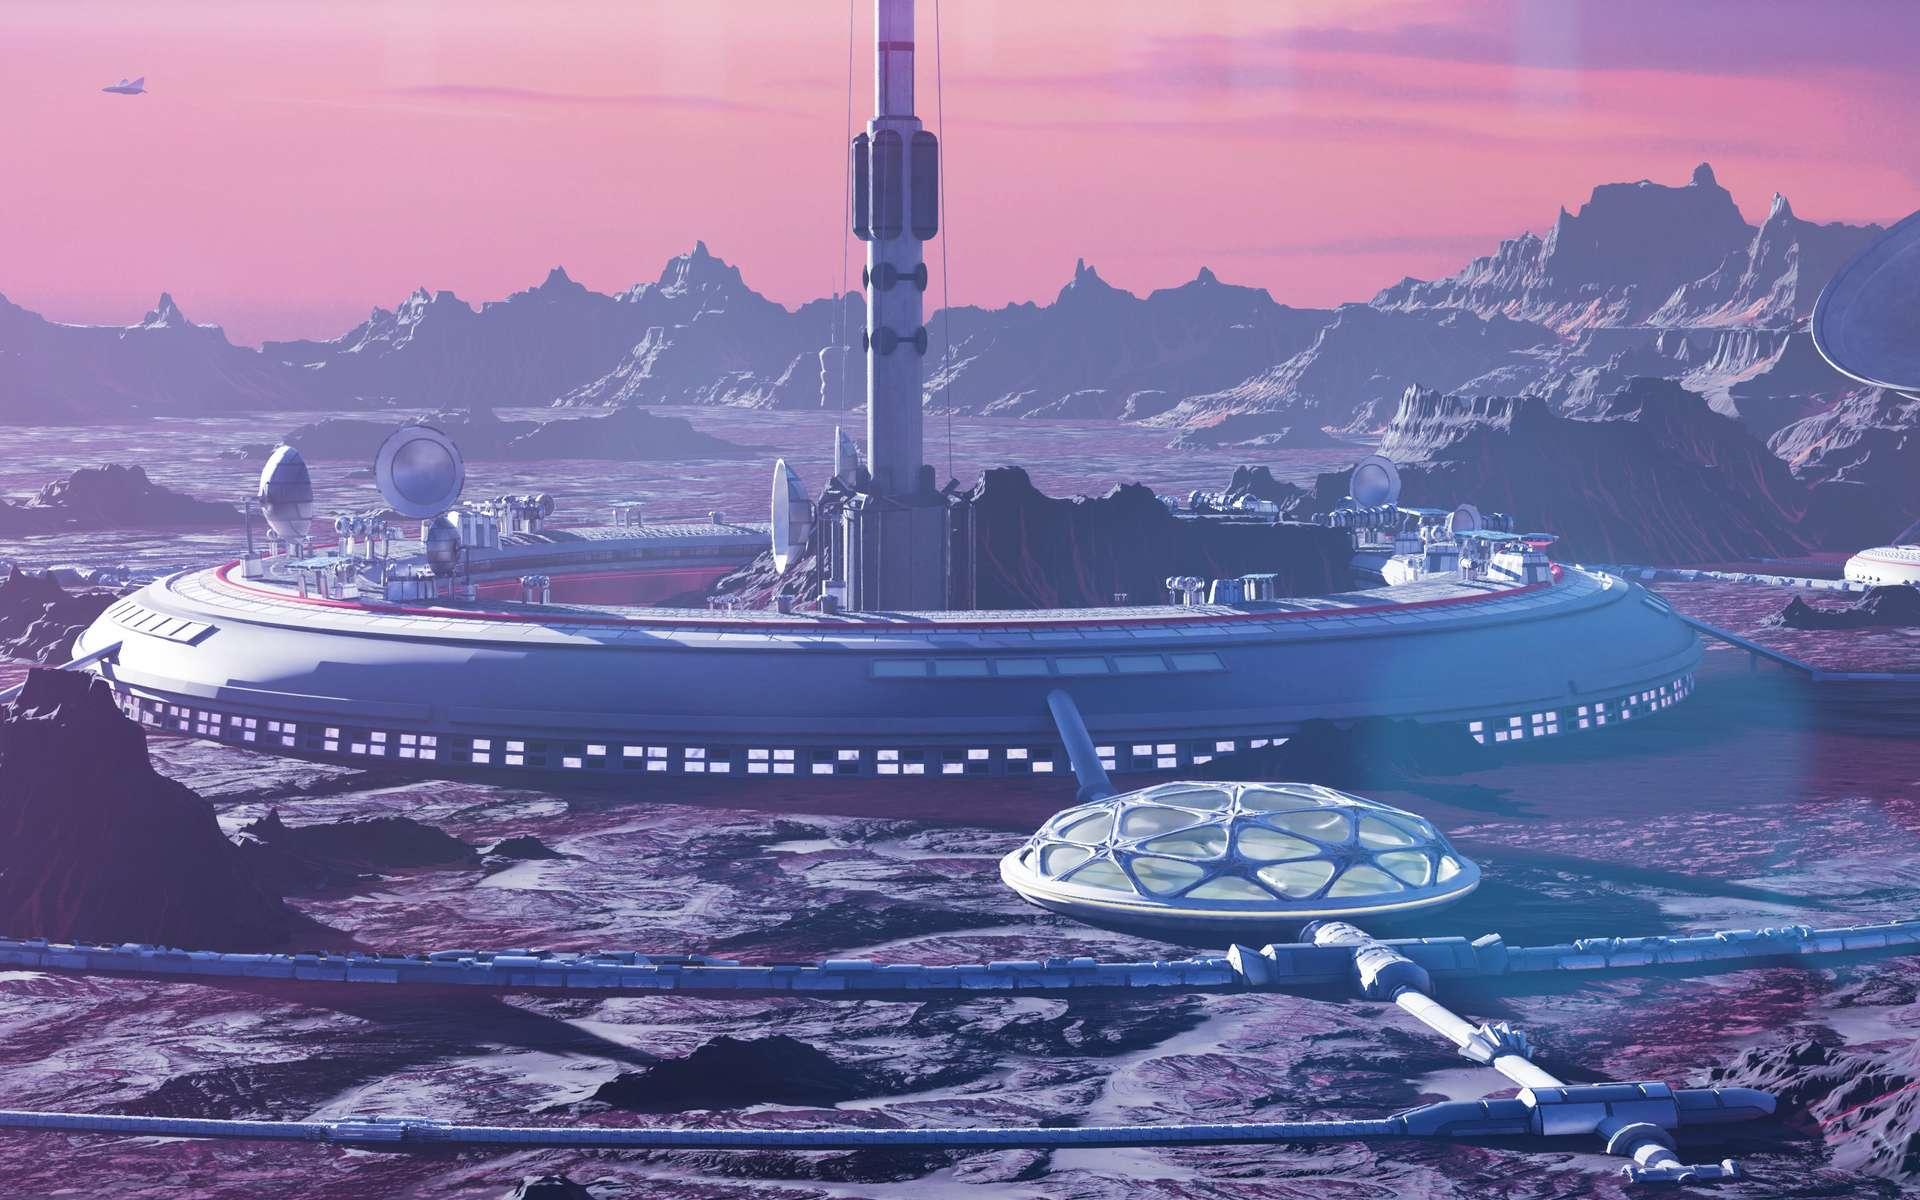 Cérès est une planète naine située dans la ceinture d'astéroïde, entre Mars et Jupiter. Selon Pekka Janhunen, physicien à l'Institut météorologique finlandais, elle pourrait accueillir une colonie humaine. © Nasa, JPL-Caltech, UCLA, MPS, DLR, IDA